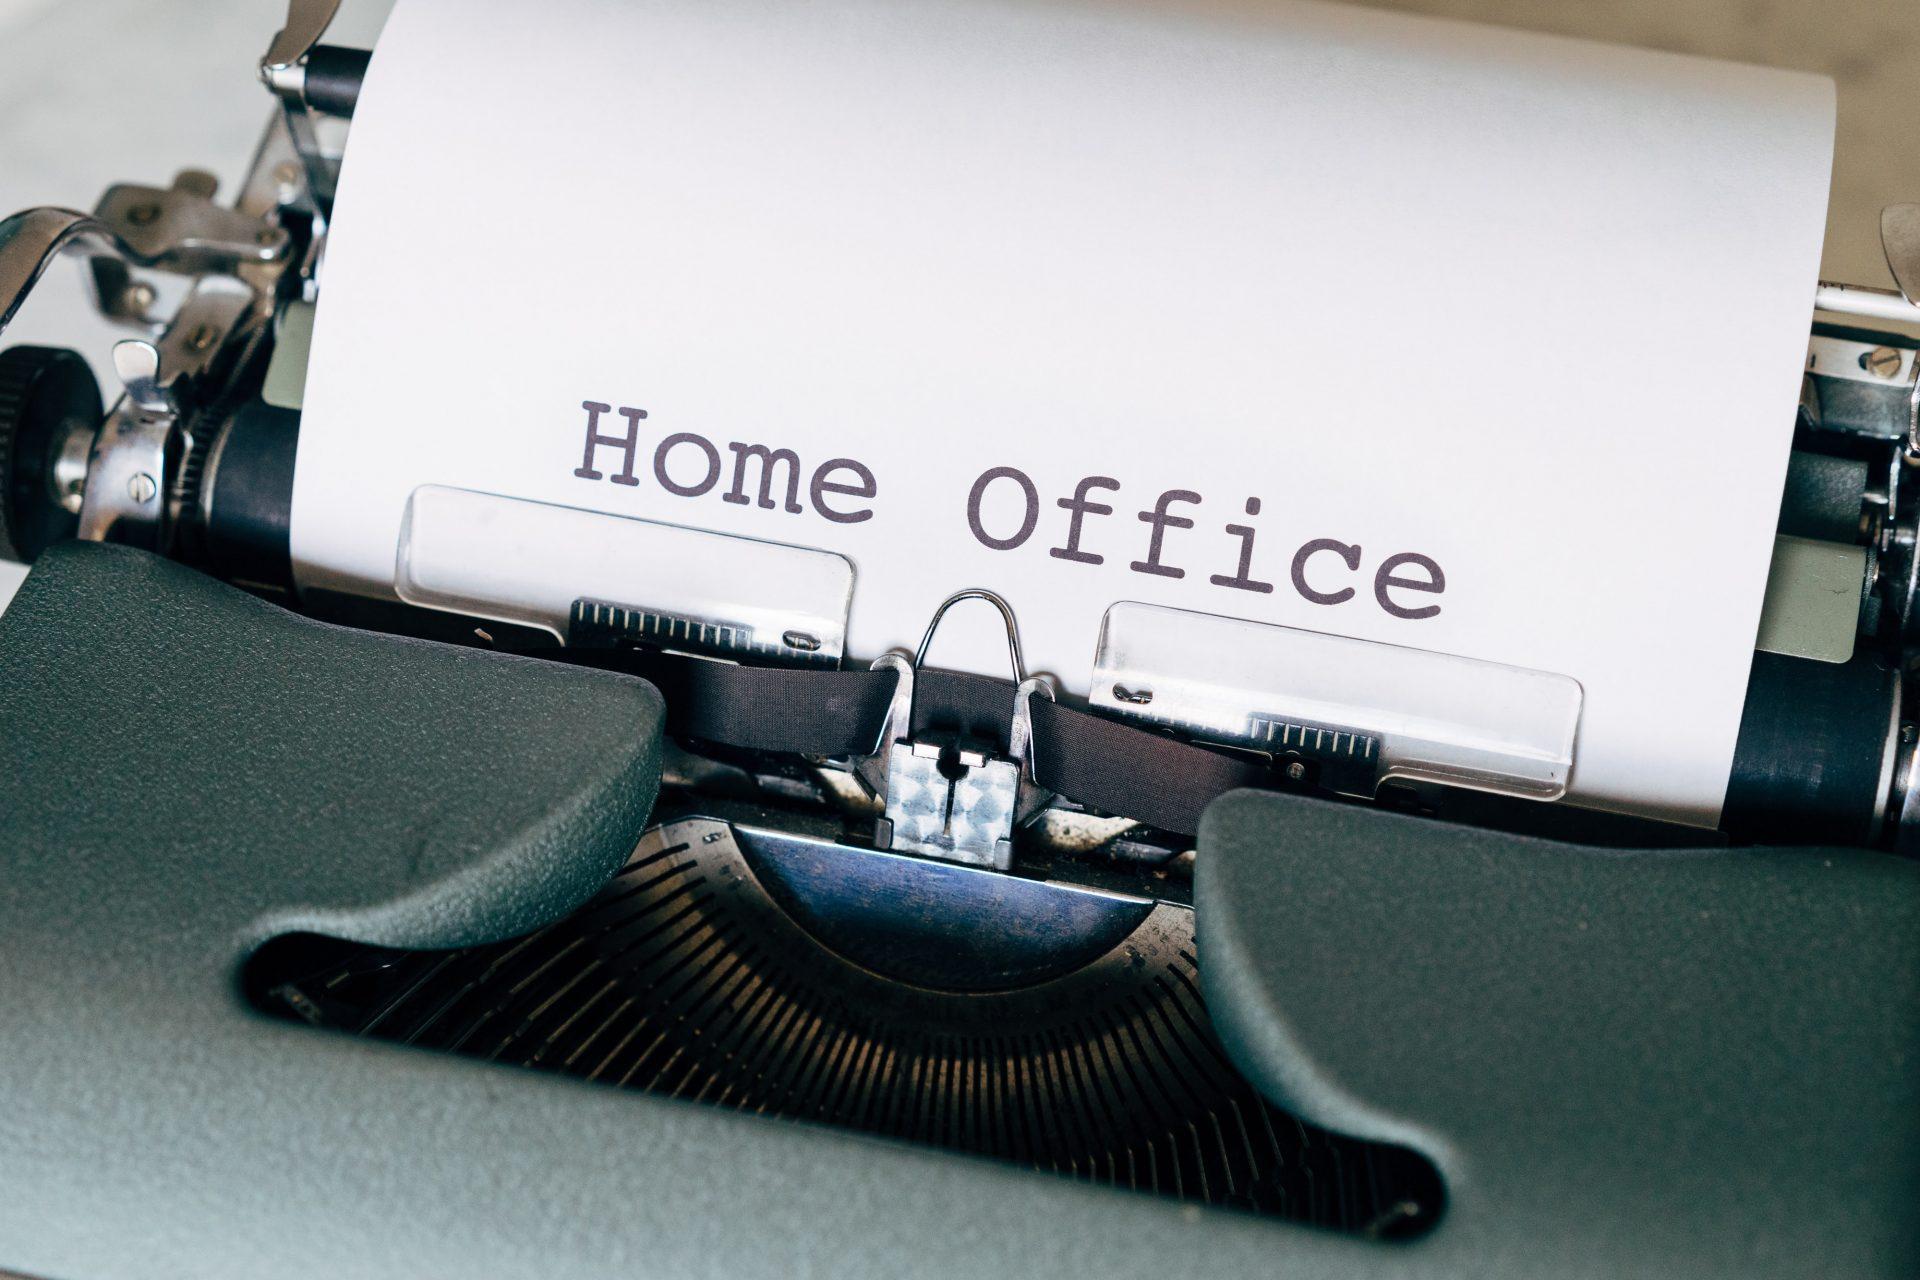 Mietentschädigung fürs Homeoffice – Was gilt wirklich?